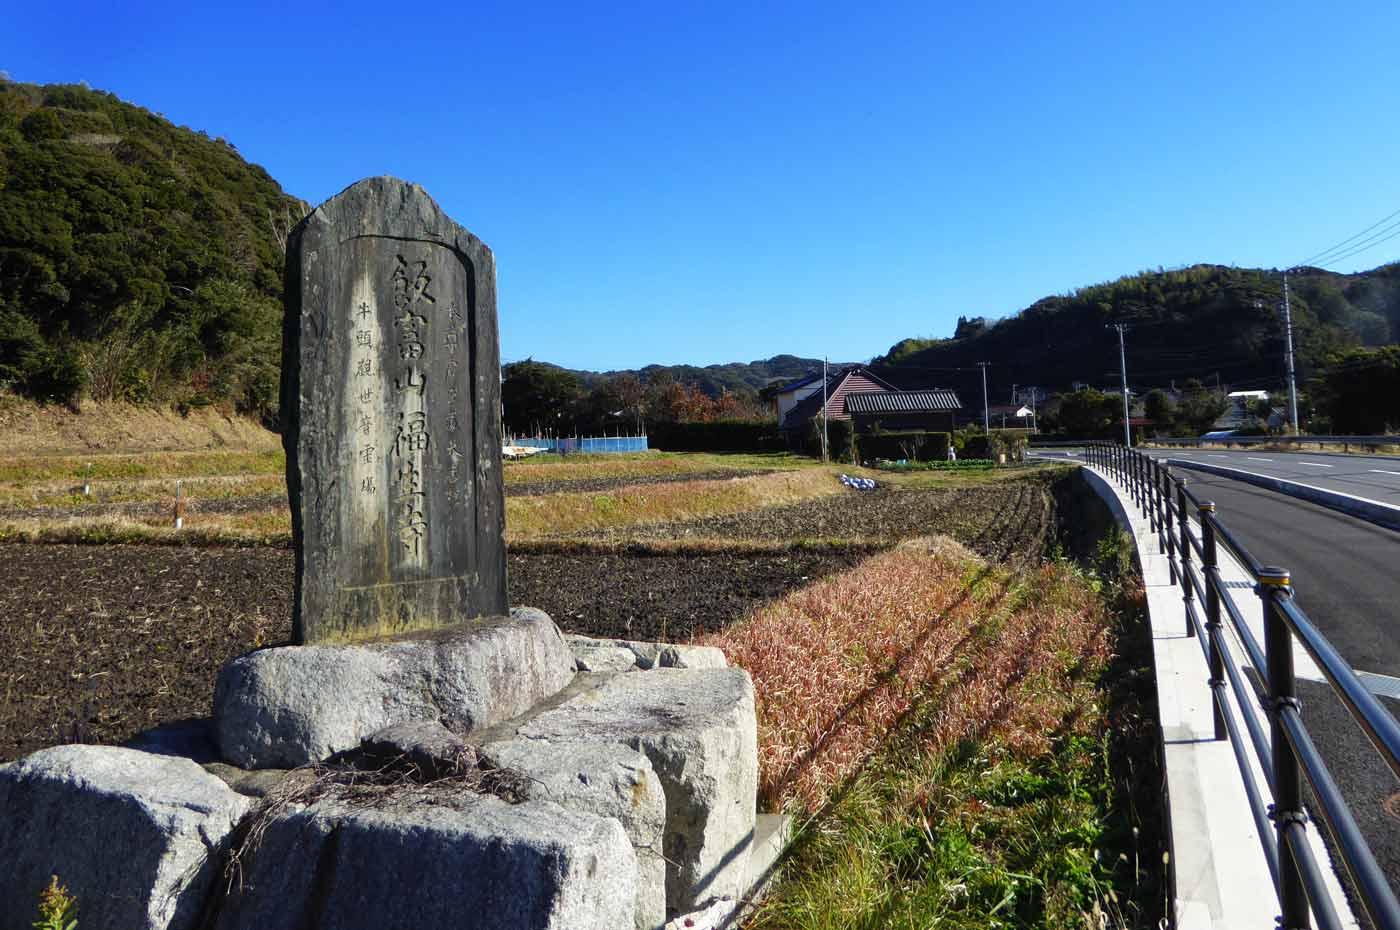 福生寺の石碑の写真